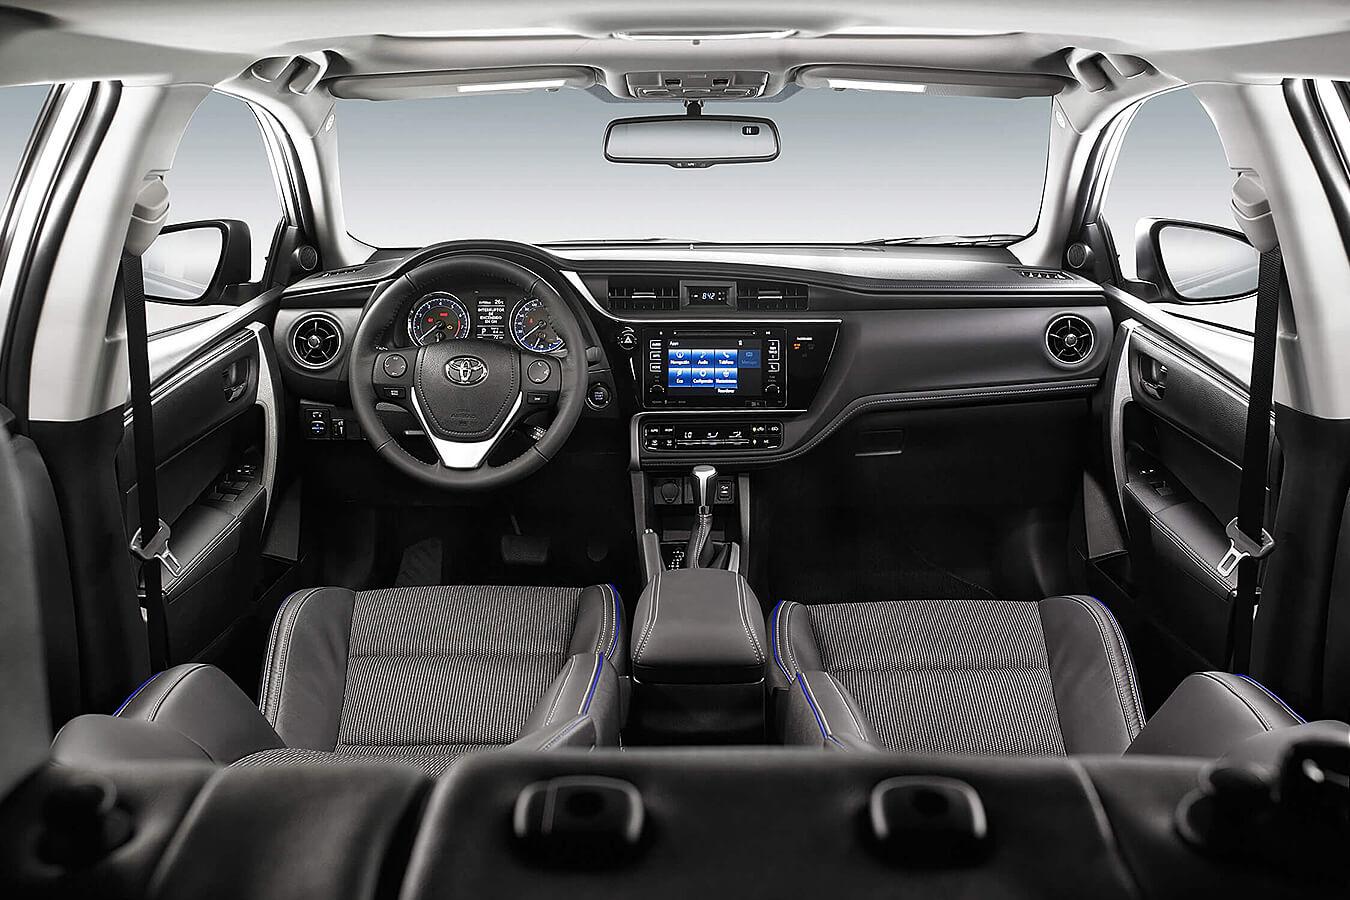 Una de las ventajas del Toyota Corolla SE Plus CVT 2019 es su gran espacio en el habitáculo